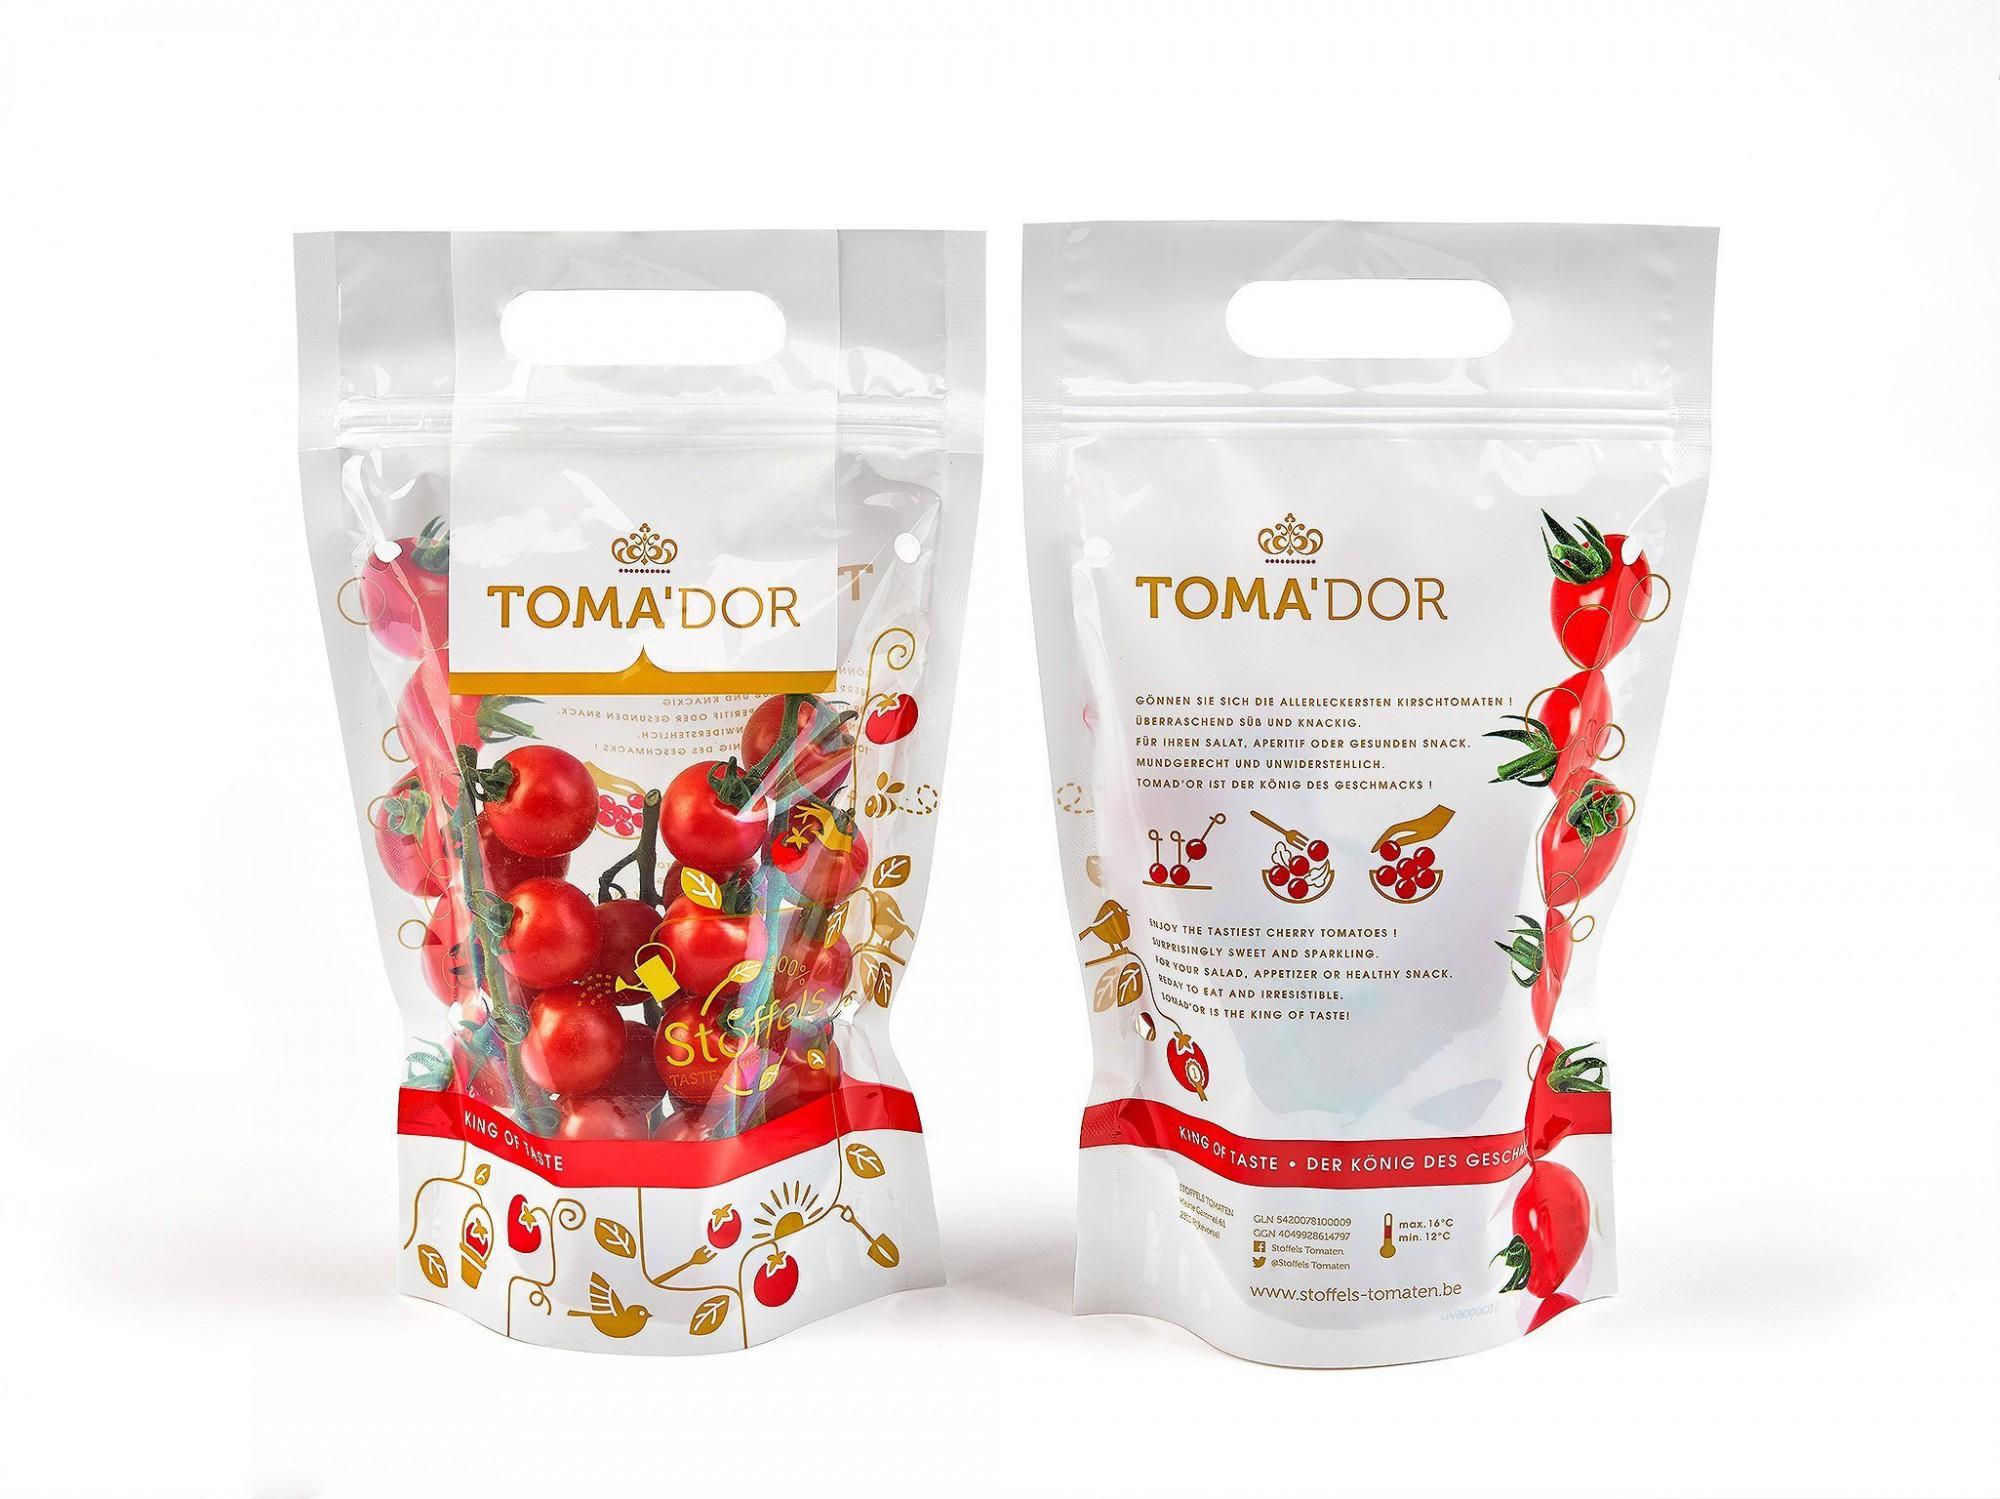 Afbeelding: Studio fotografie, packshot fotografie Foto Van Huffel, fotografie tomaten voor Stoffels tomaten.